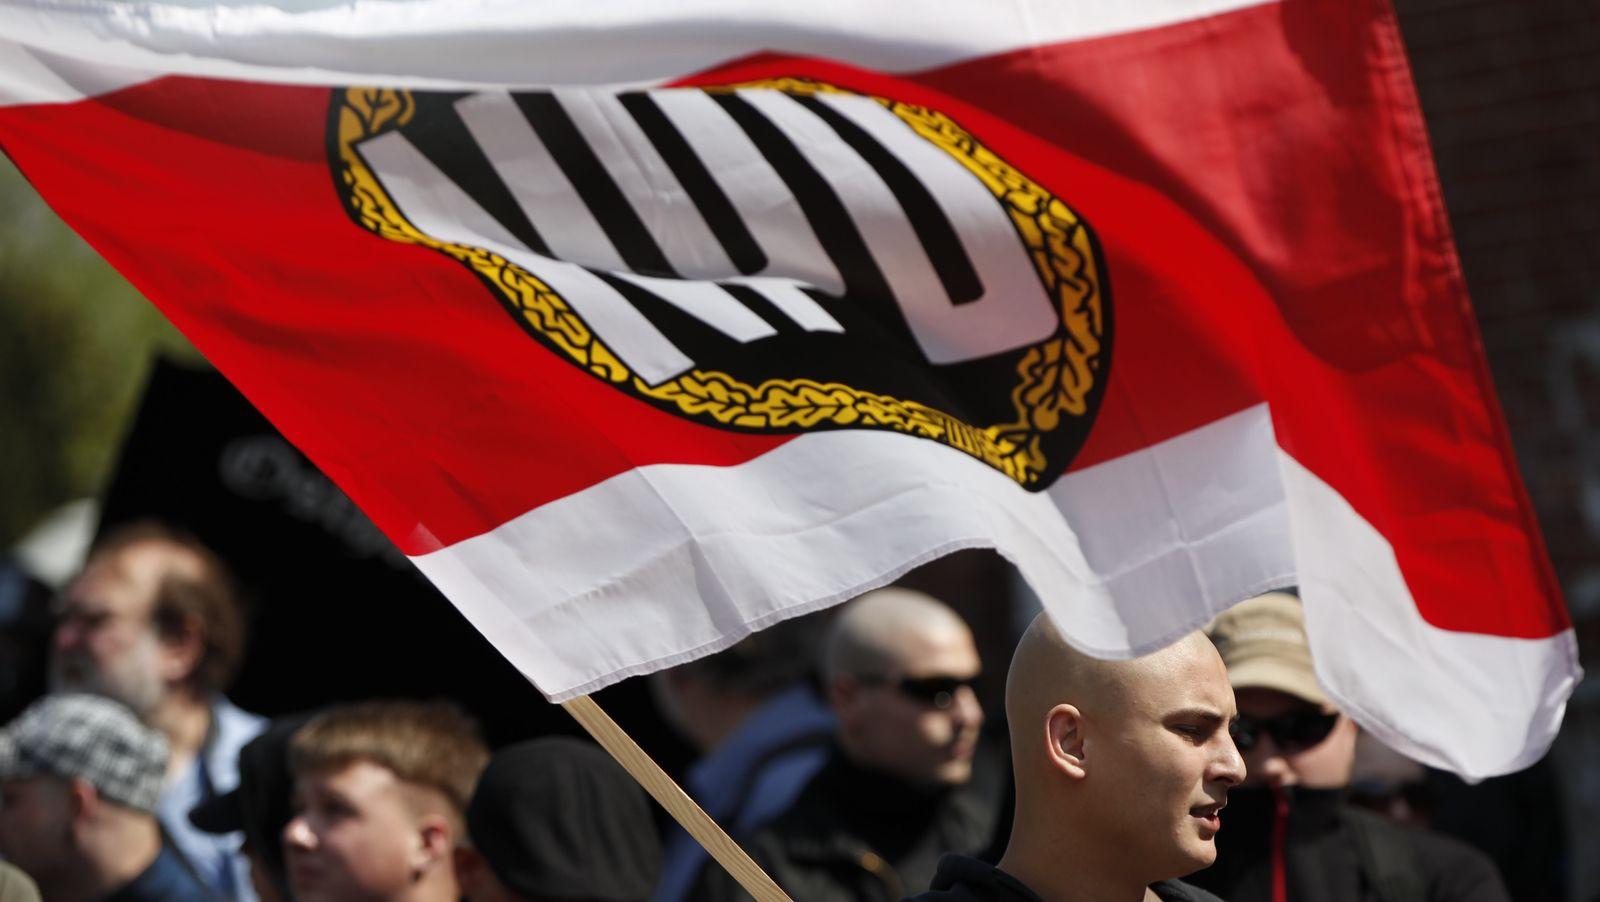 NICHT VERWENDEN Extremismus / NPD / Verbot